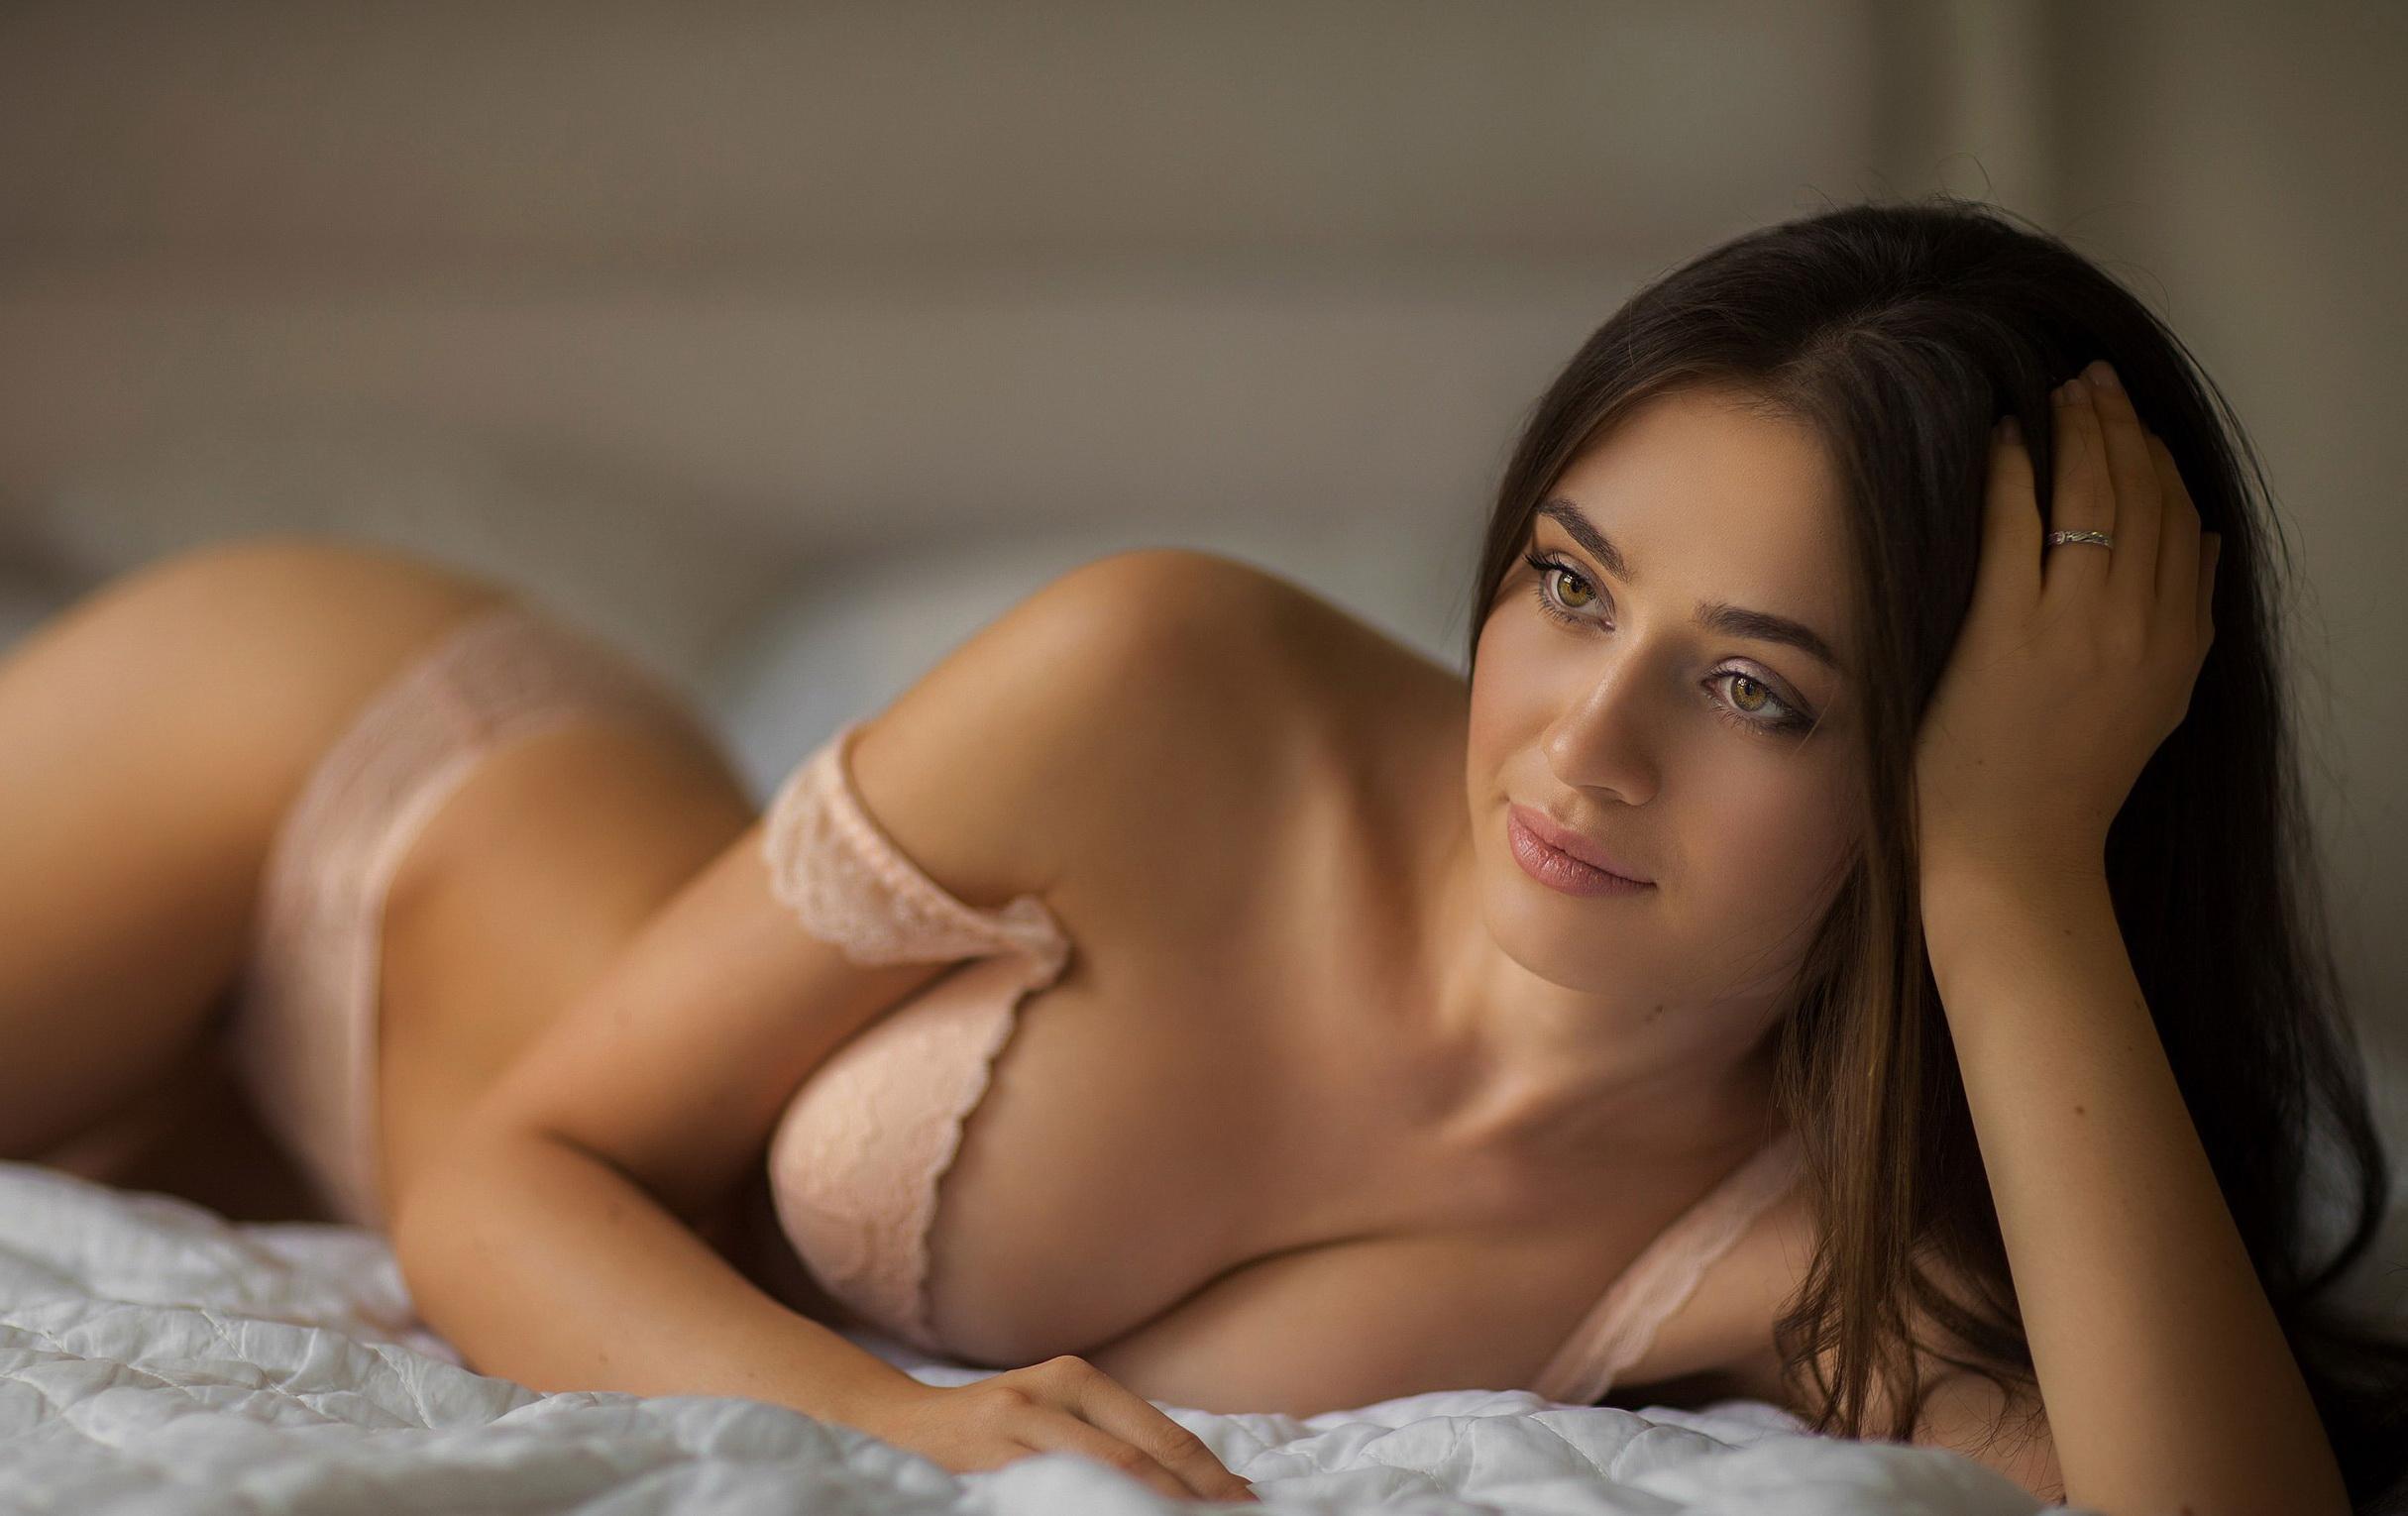 Эротика на постели от молодых жен в трусиках и голом виде секс фото и порно фото